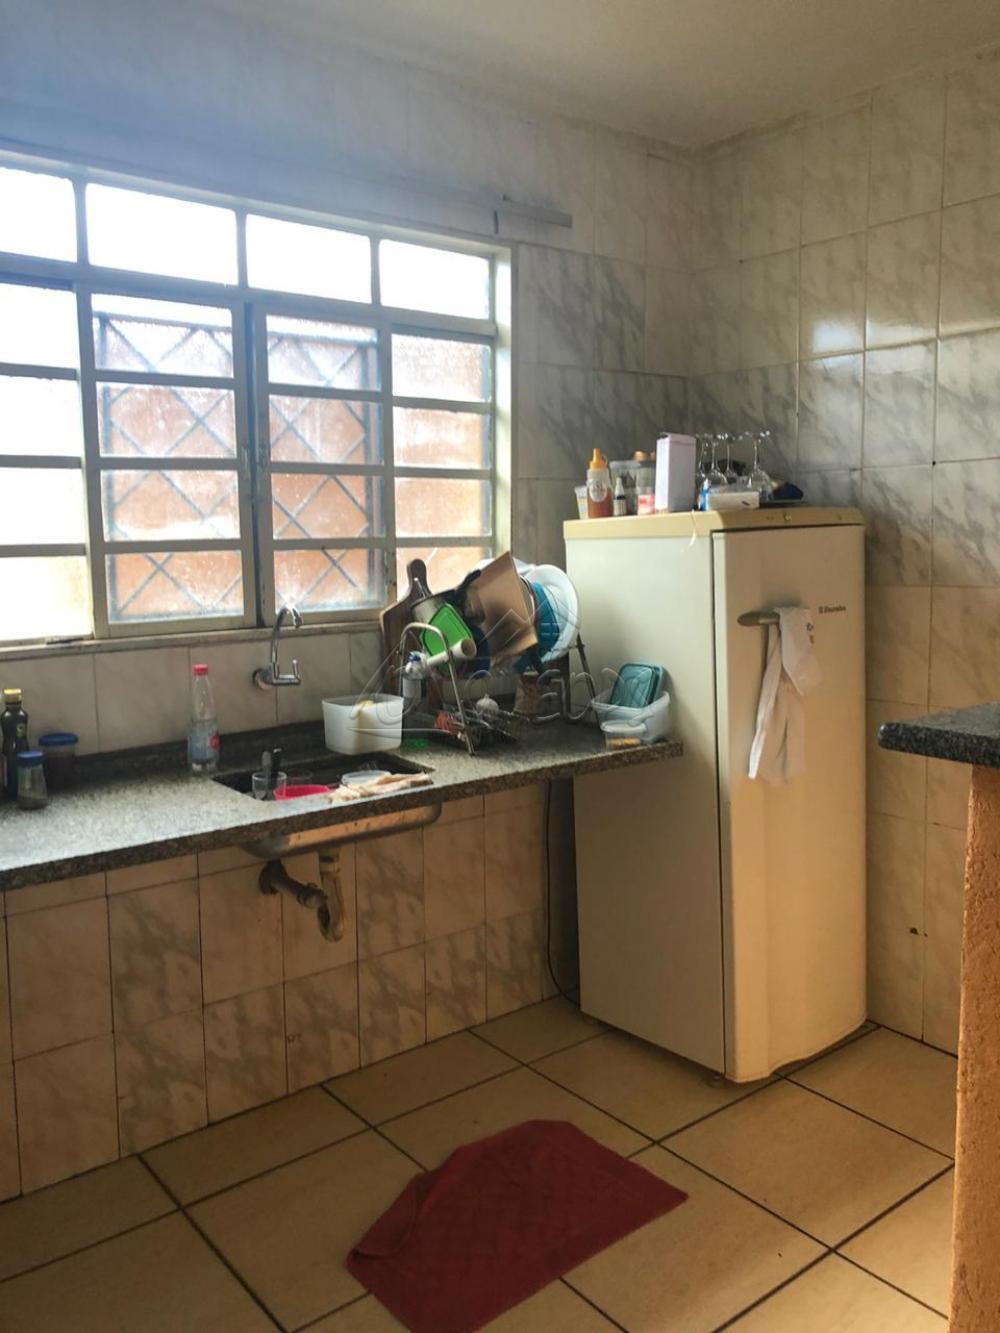 Comprar Casa / Padrão em Barretos apenas R$ 140.000,00 - Foto 9